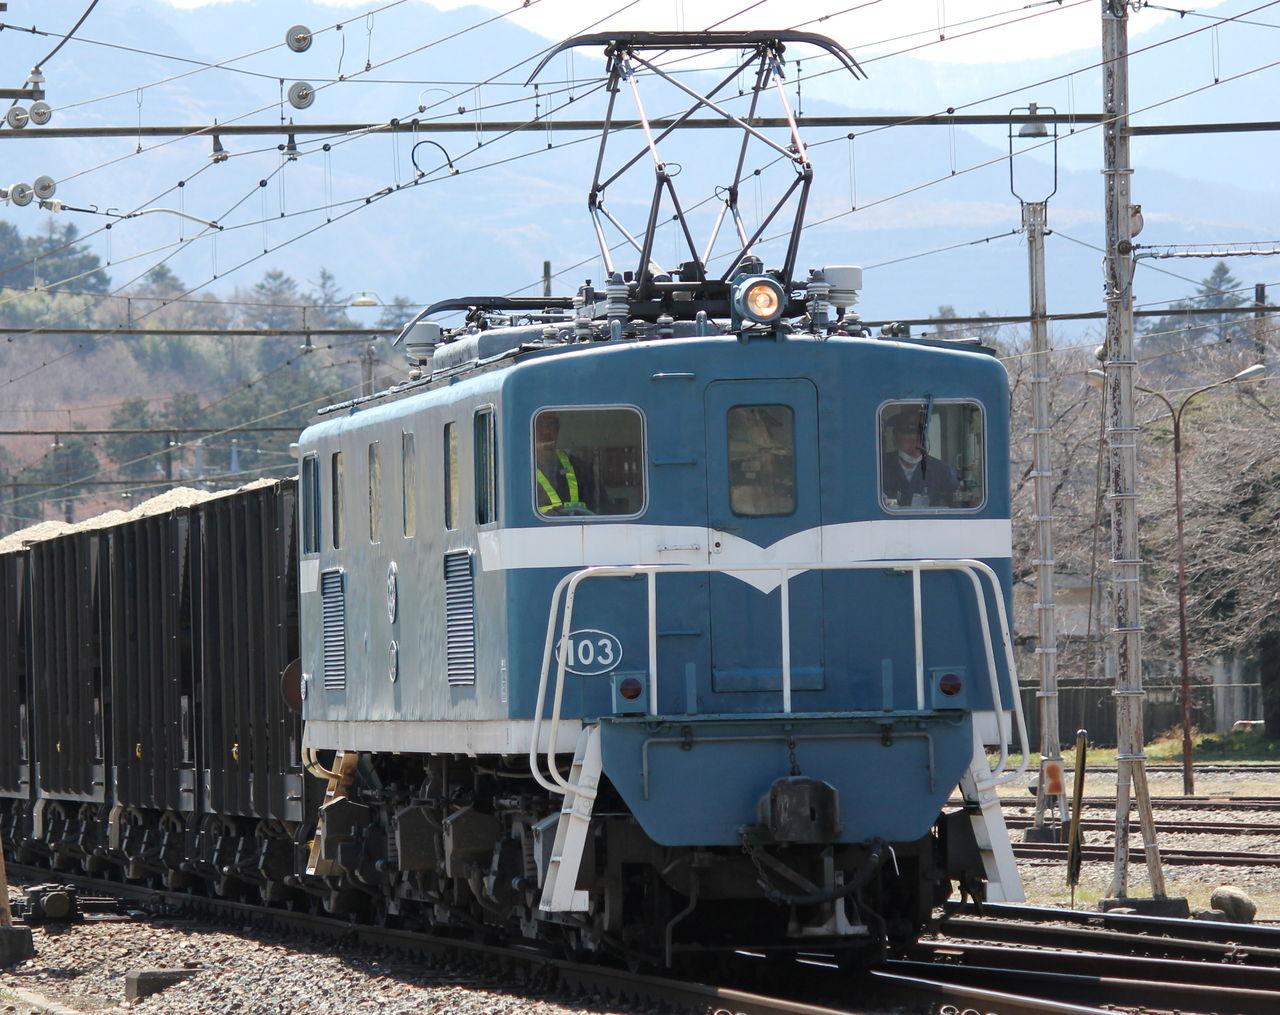 輝かしき鉄道の記録  秩父鉄道 デキ100形デキ103コメント